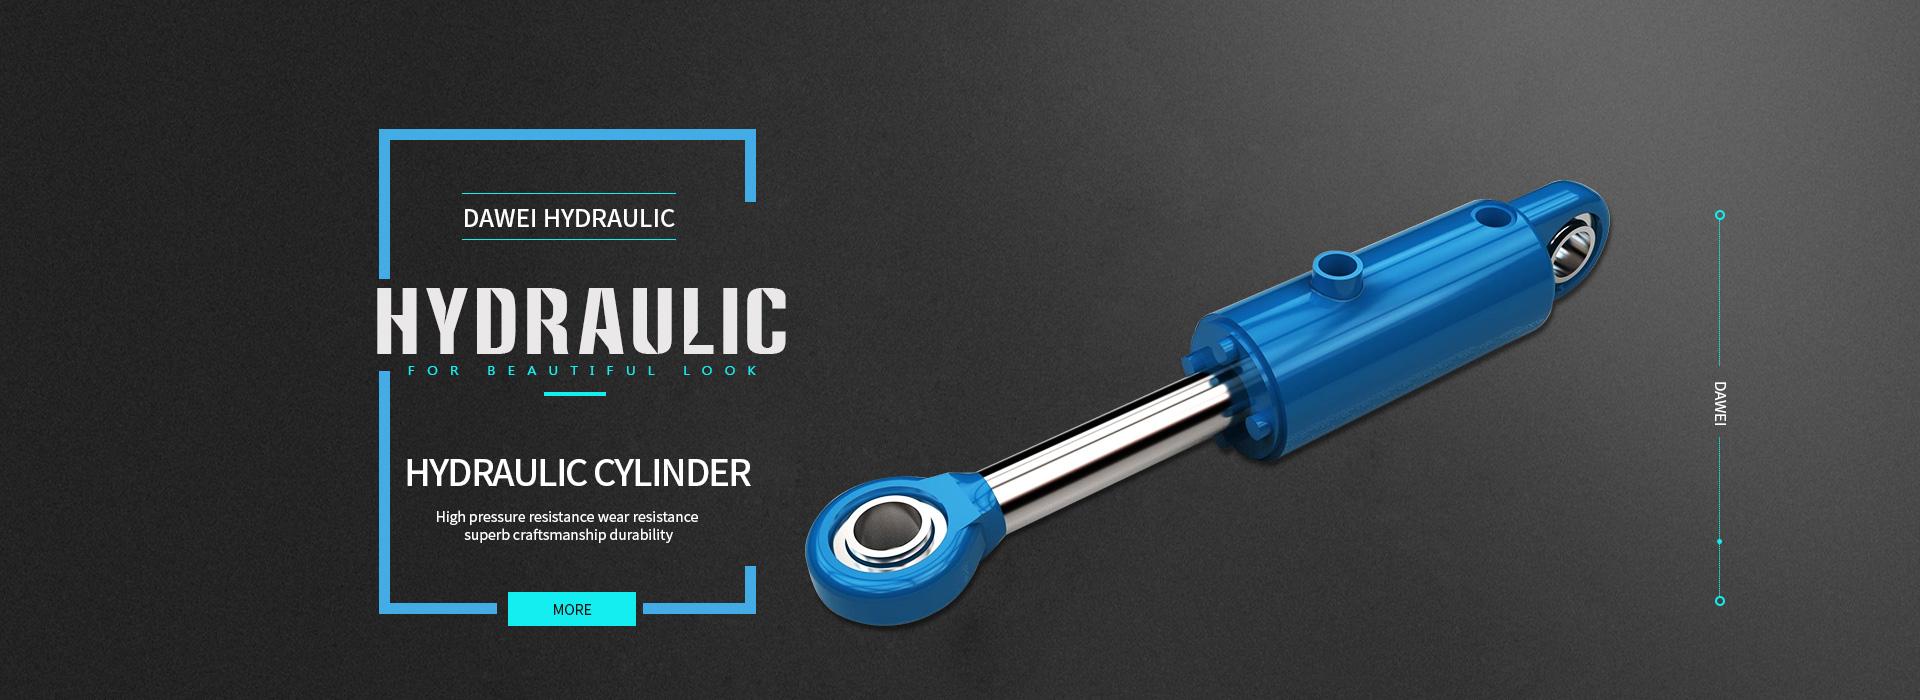 Dawei hydraulic cylinder